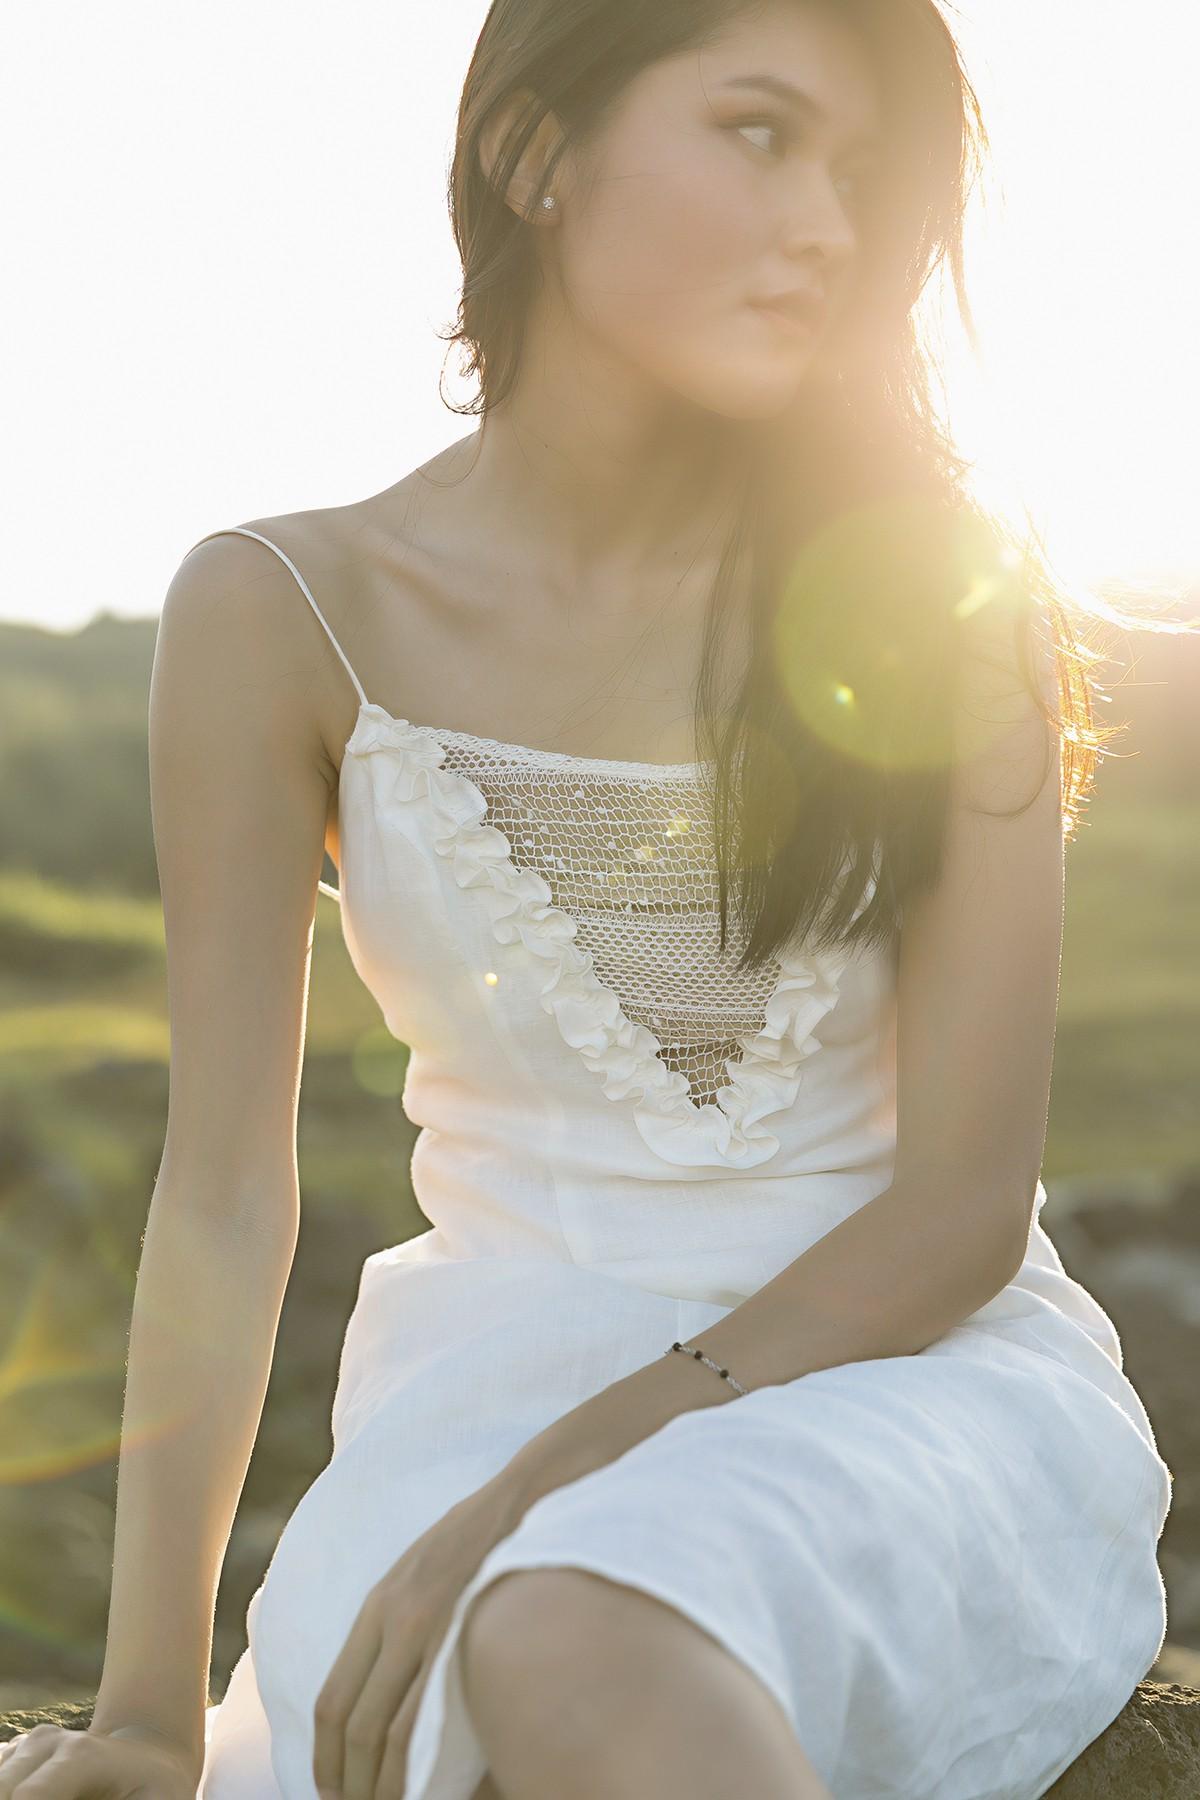 Không chỉ giỏi tiếng Anh, Thùy Dung còn trổ tài hát tiếng Nhật trong clip quảng bá vẻ đẹp biển đảo Việt Nam - Ảnh 5.